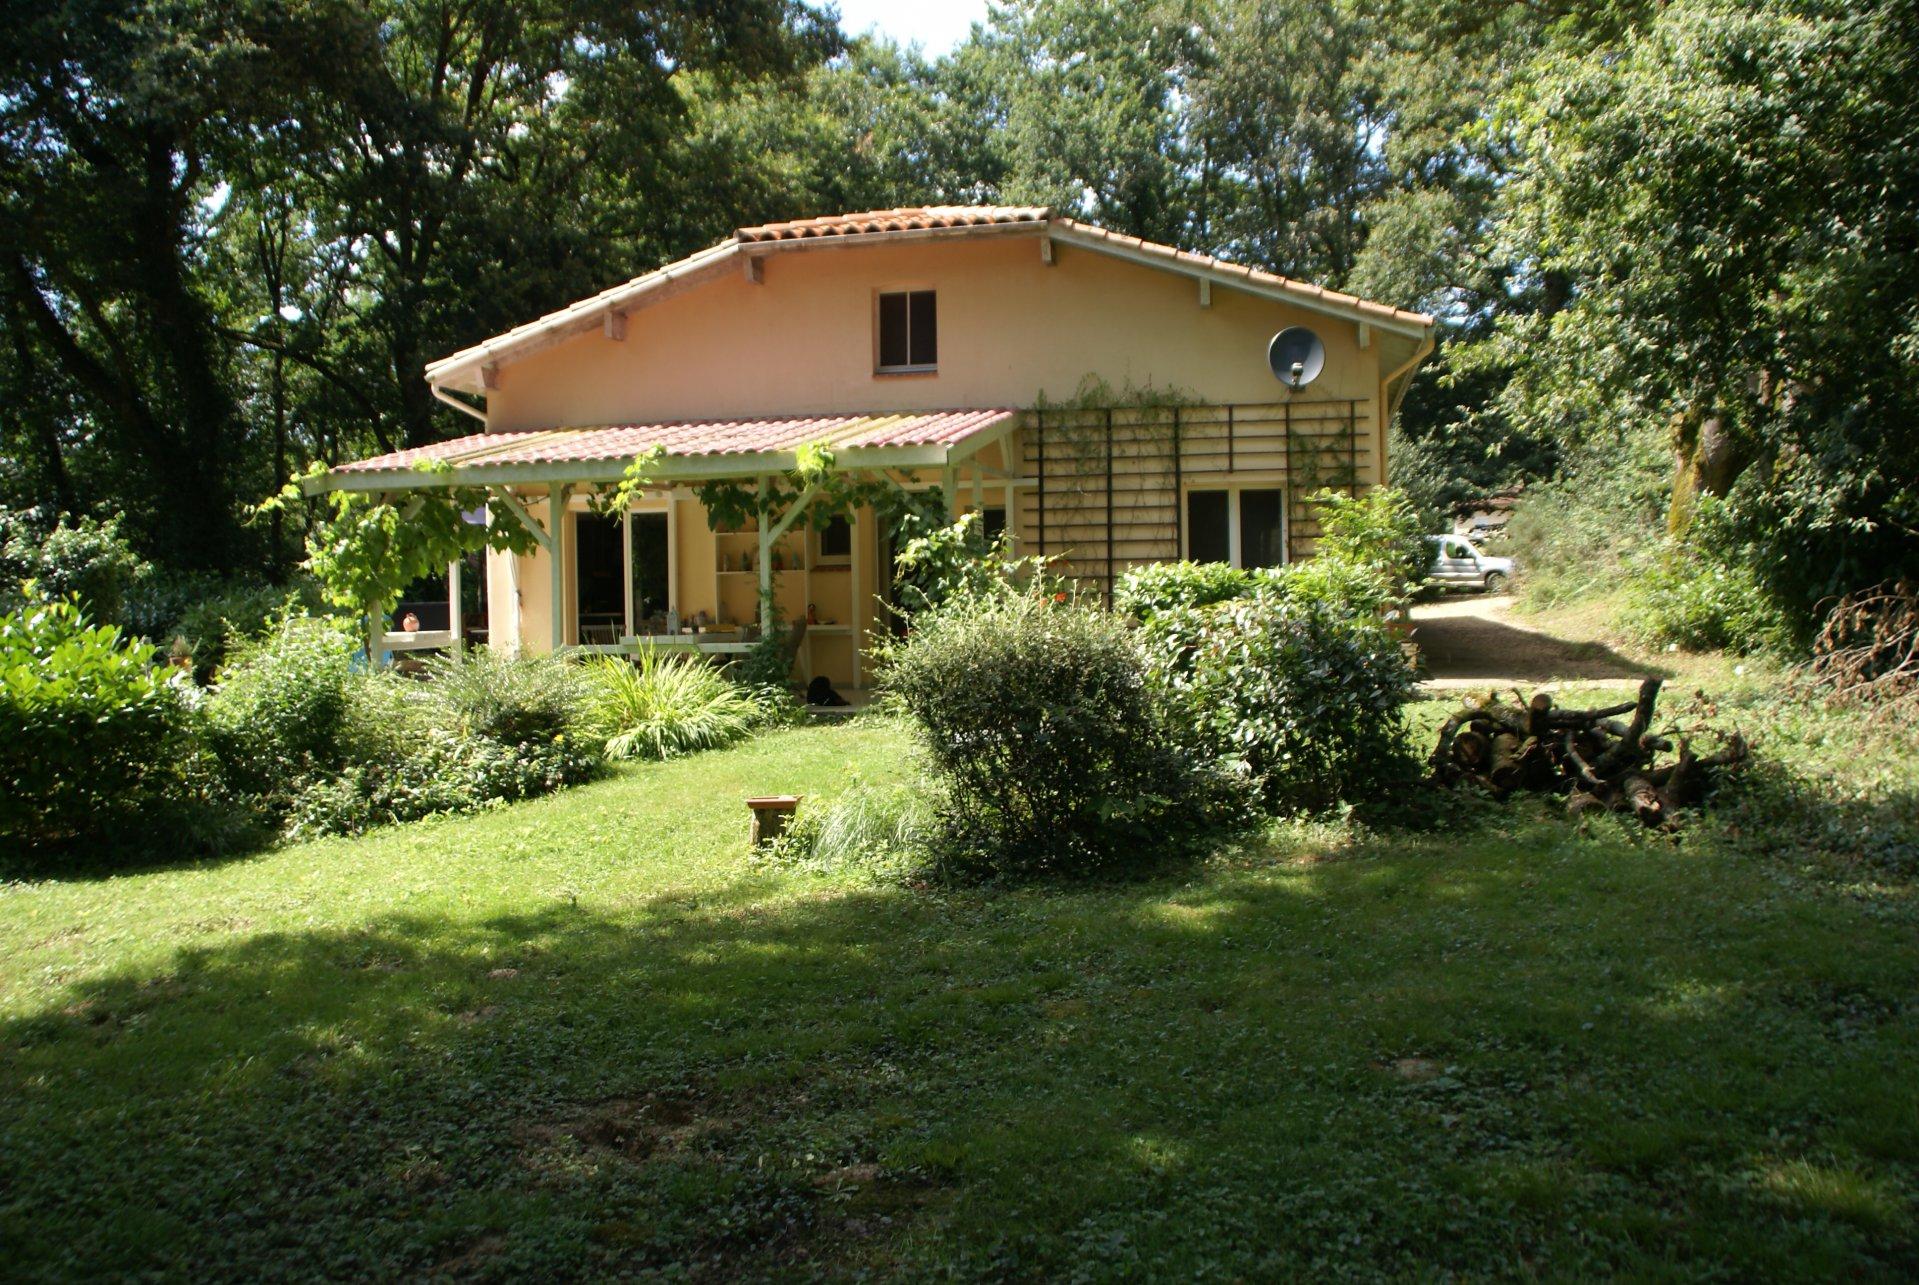 Grande maison avec beaucoup d'espace Gers, Midi-Pyrenees.